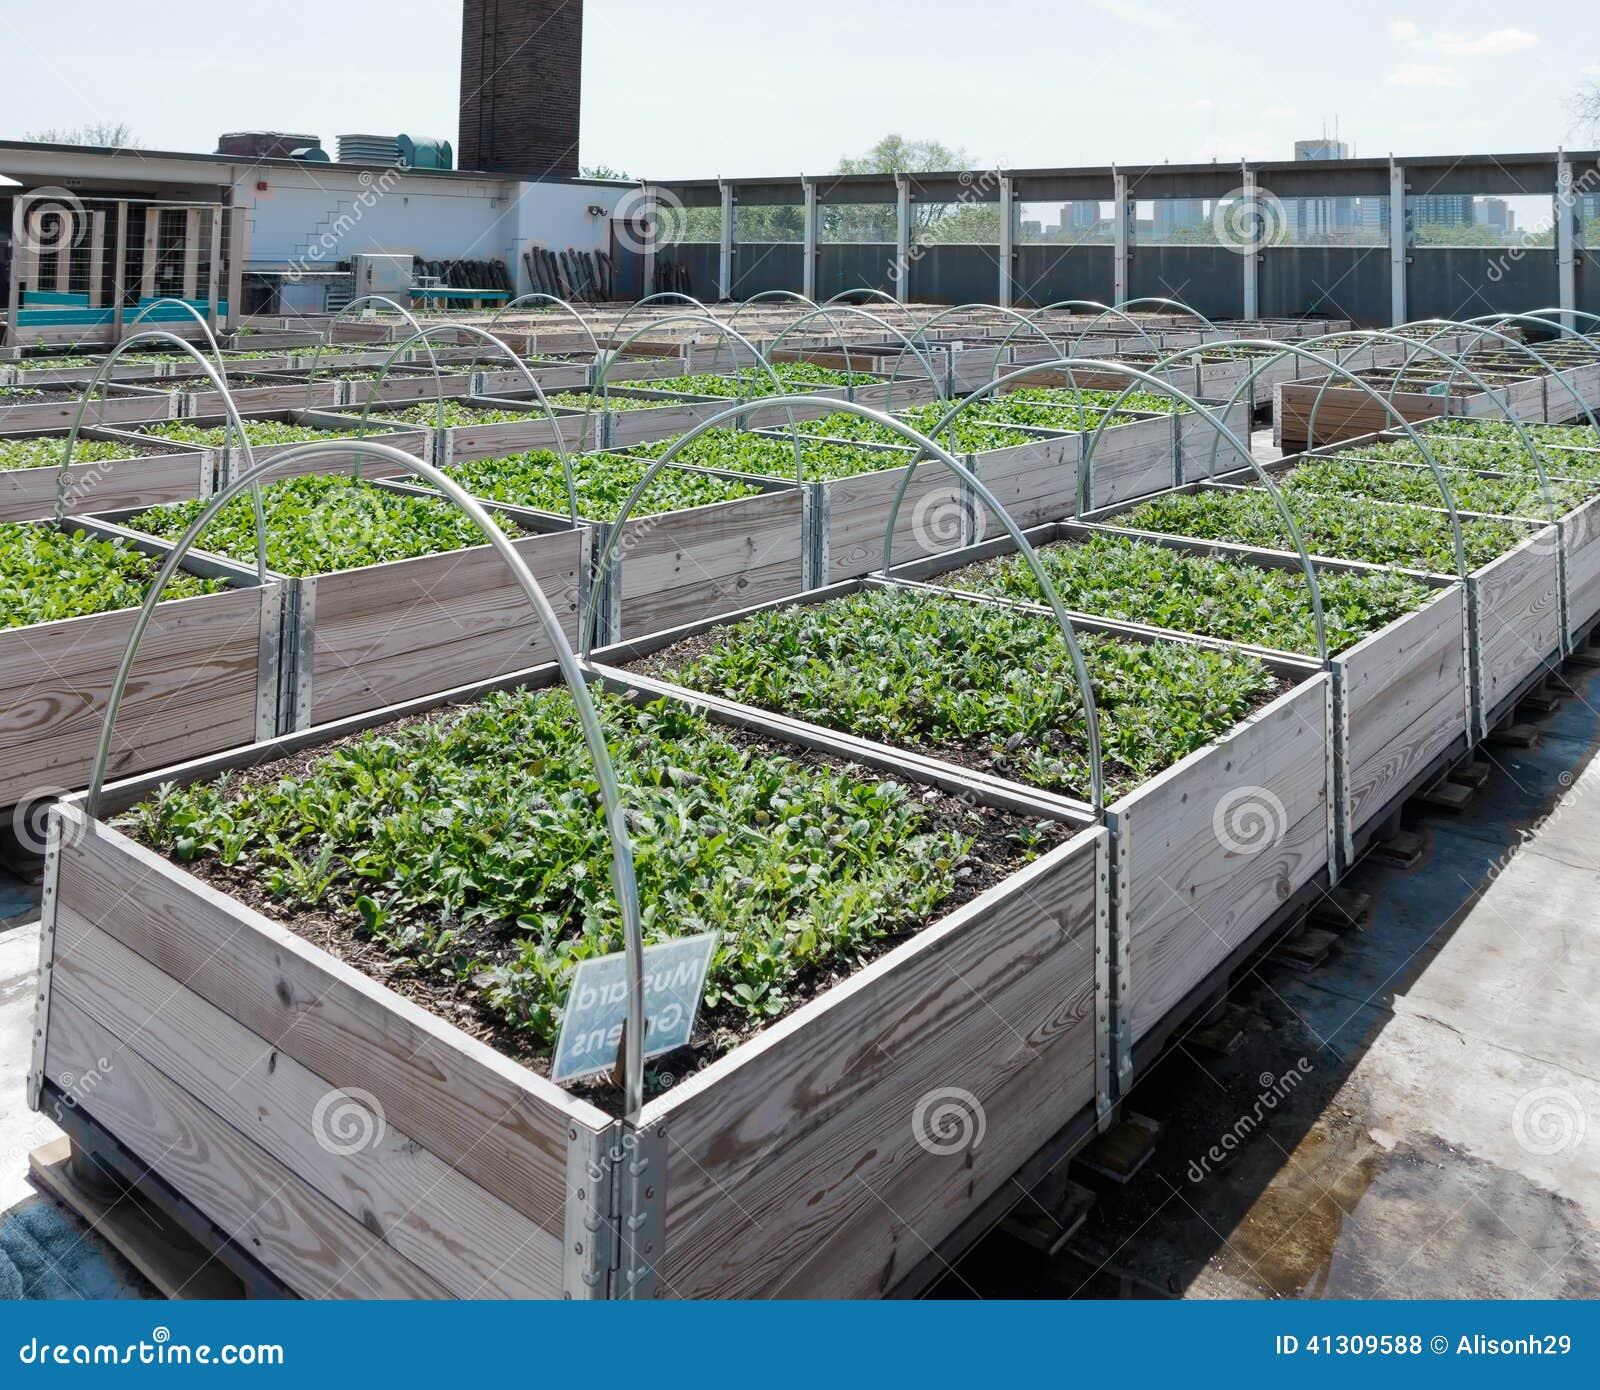 Roof Top Garden Terrace Garden Kitchen Garden Vegetable: Rooftop Garden Stock Photo